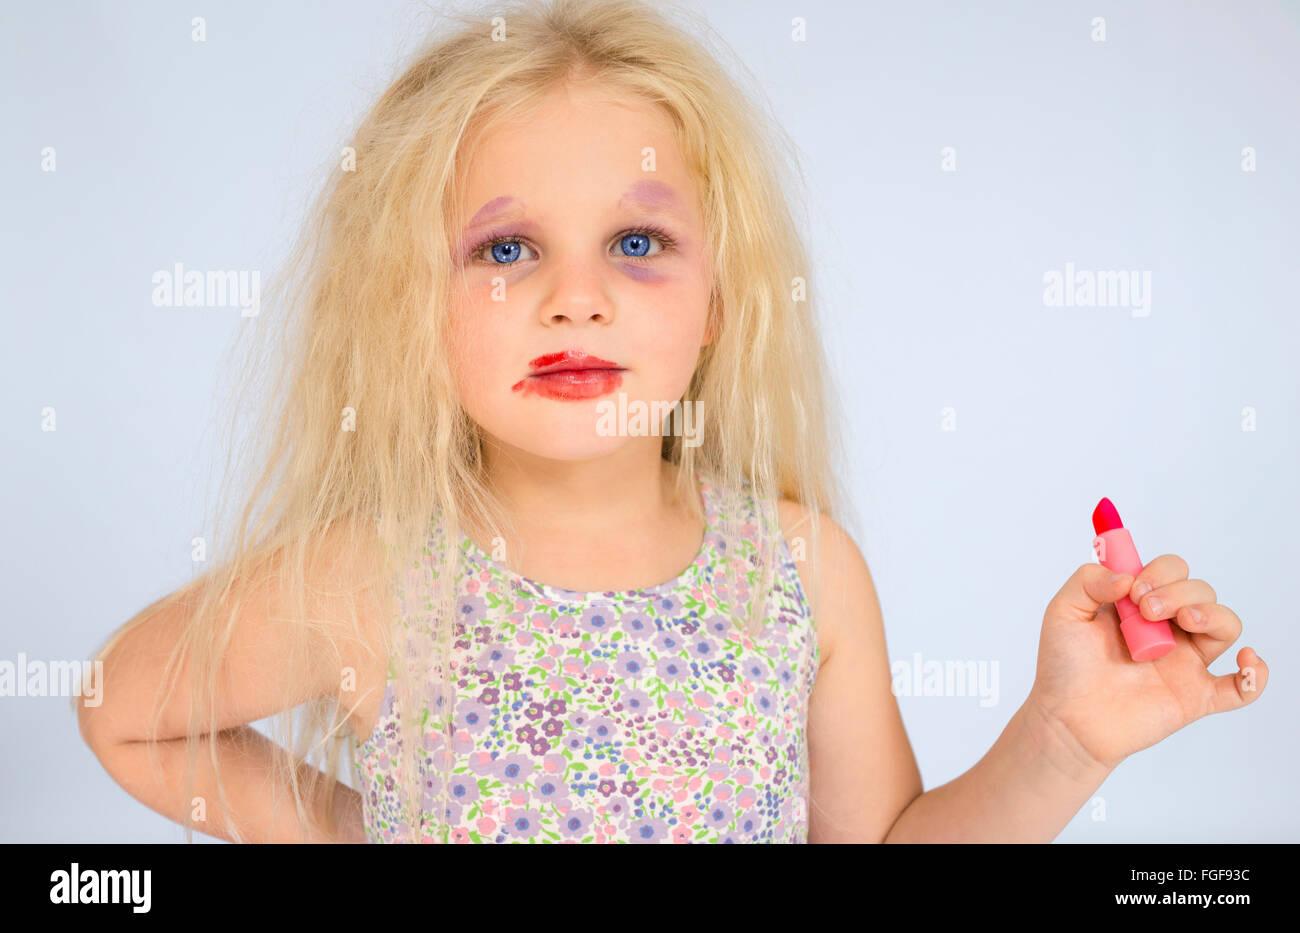 Ragazza giovane con capelli biondi indossa sbavature compongono tenendo un rossetto rosso Immagini Stock